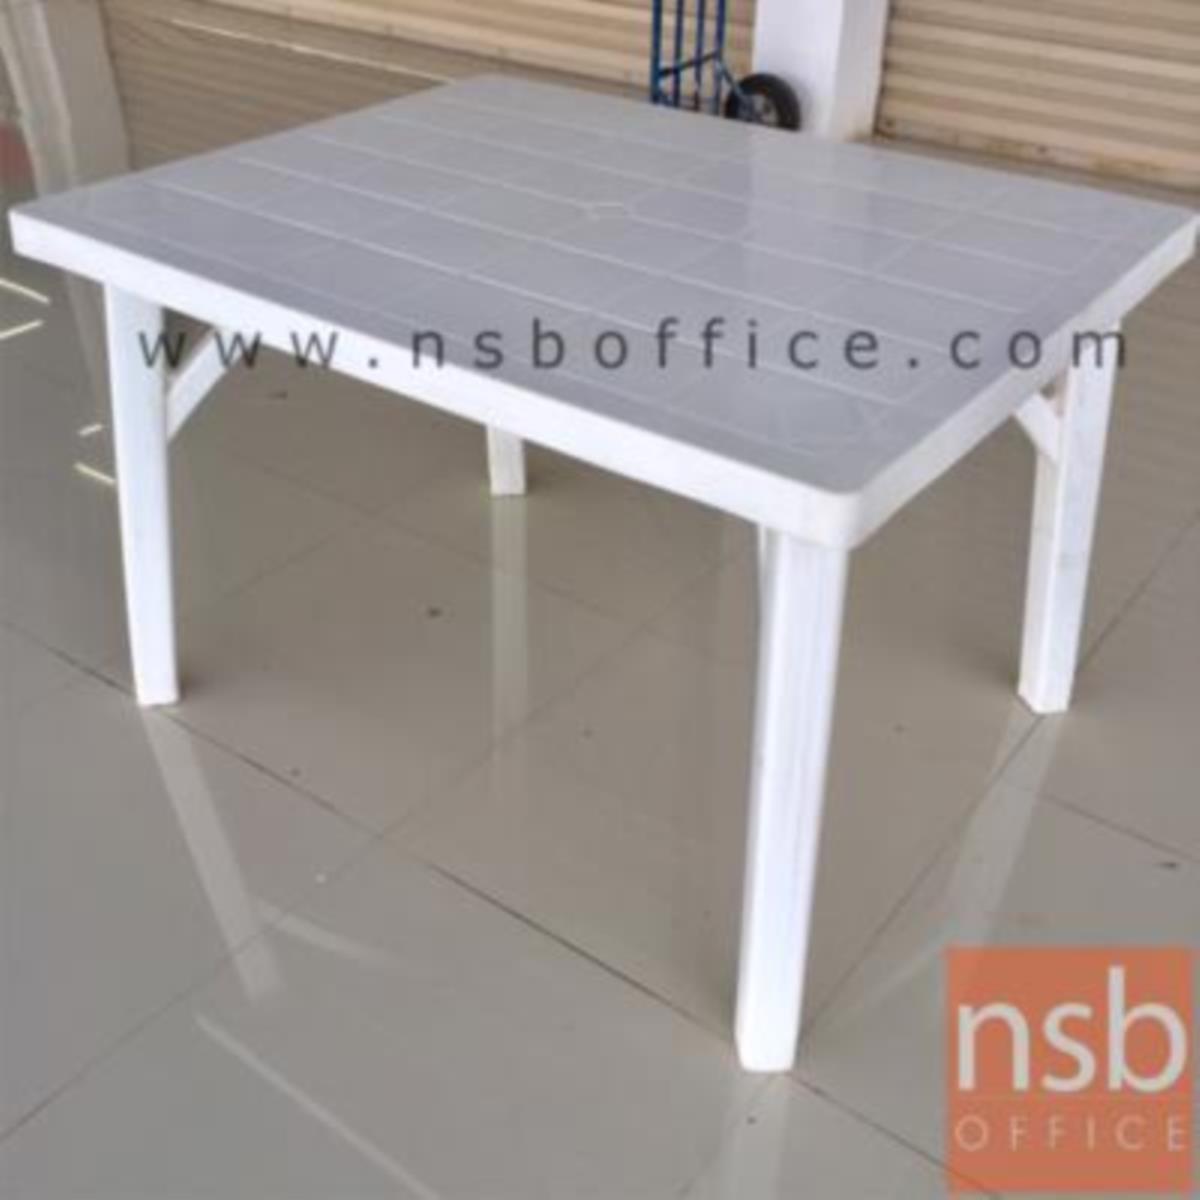 A19A048:โต๊ะหน้าพลาสติก รุ่น TD-003 ขนาด 120W cm. (บรรจุกล่องละ 2 ตัว)